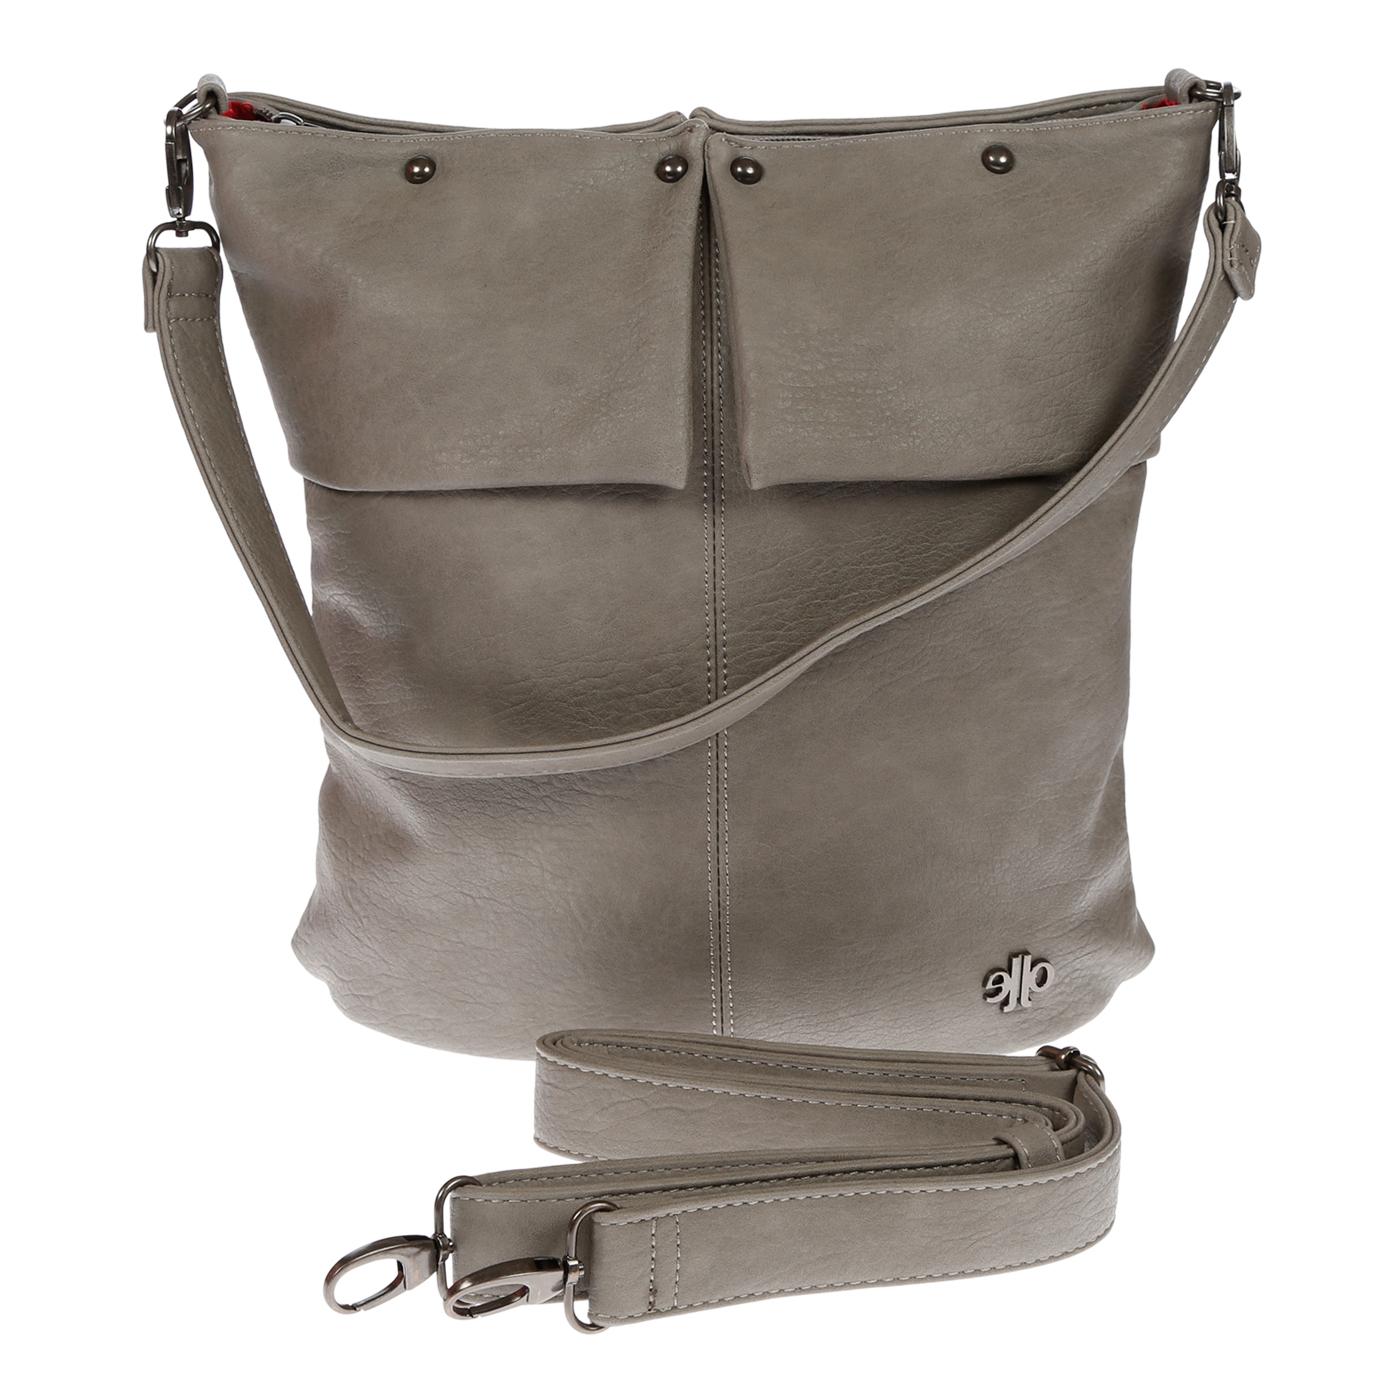 Damentasche-Umhaengetasche-Handtasche-Schultertasche-Leder-Optik-Tasche-Schwarz Indexbild 20